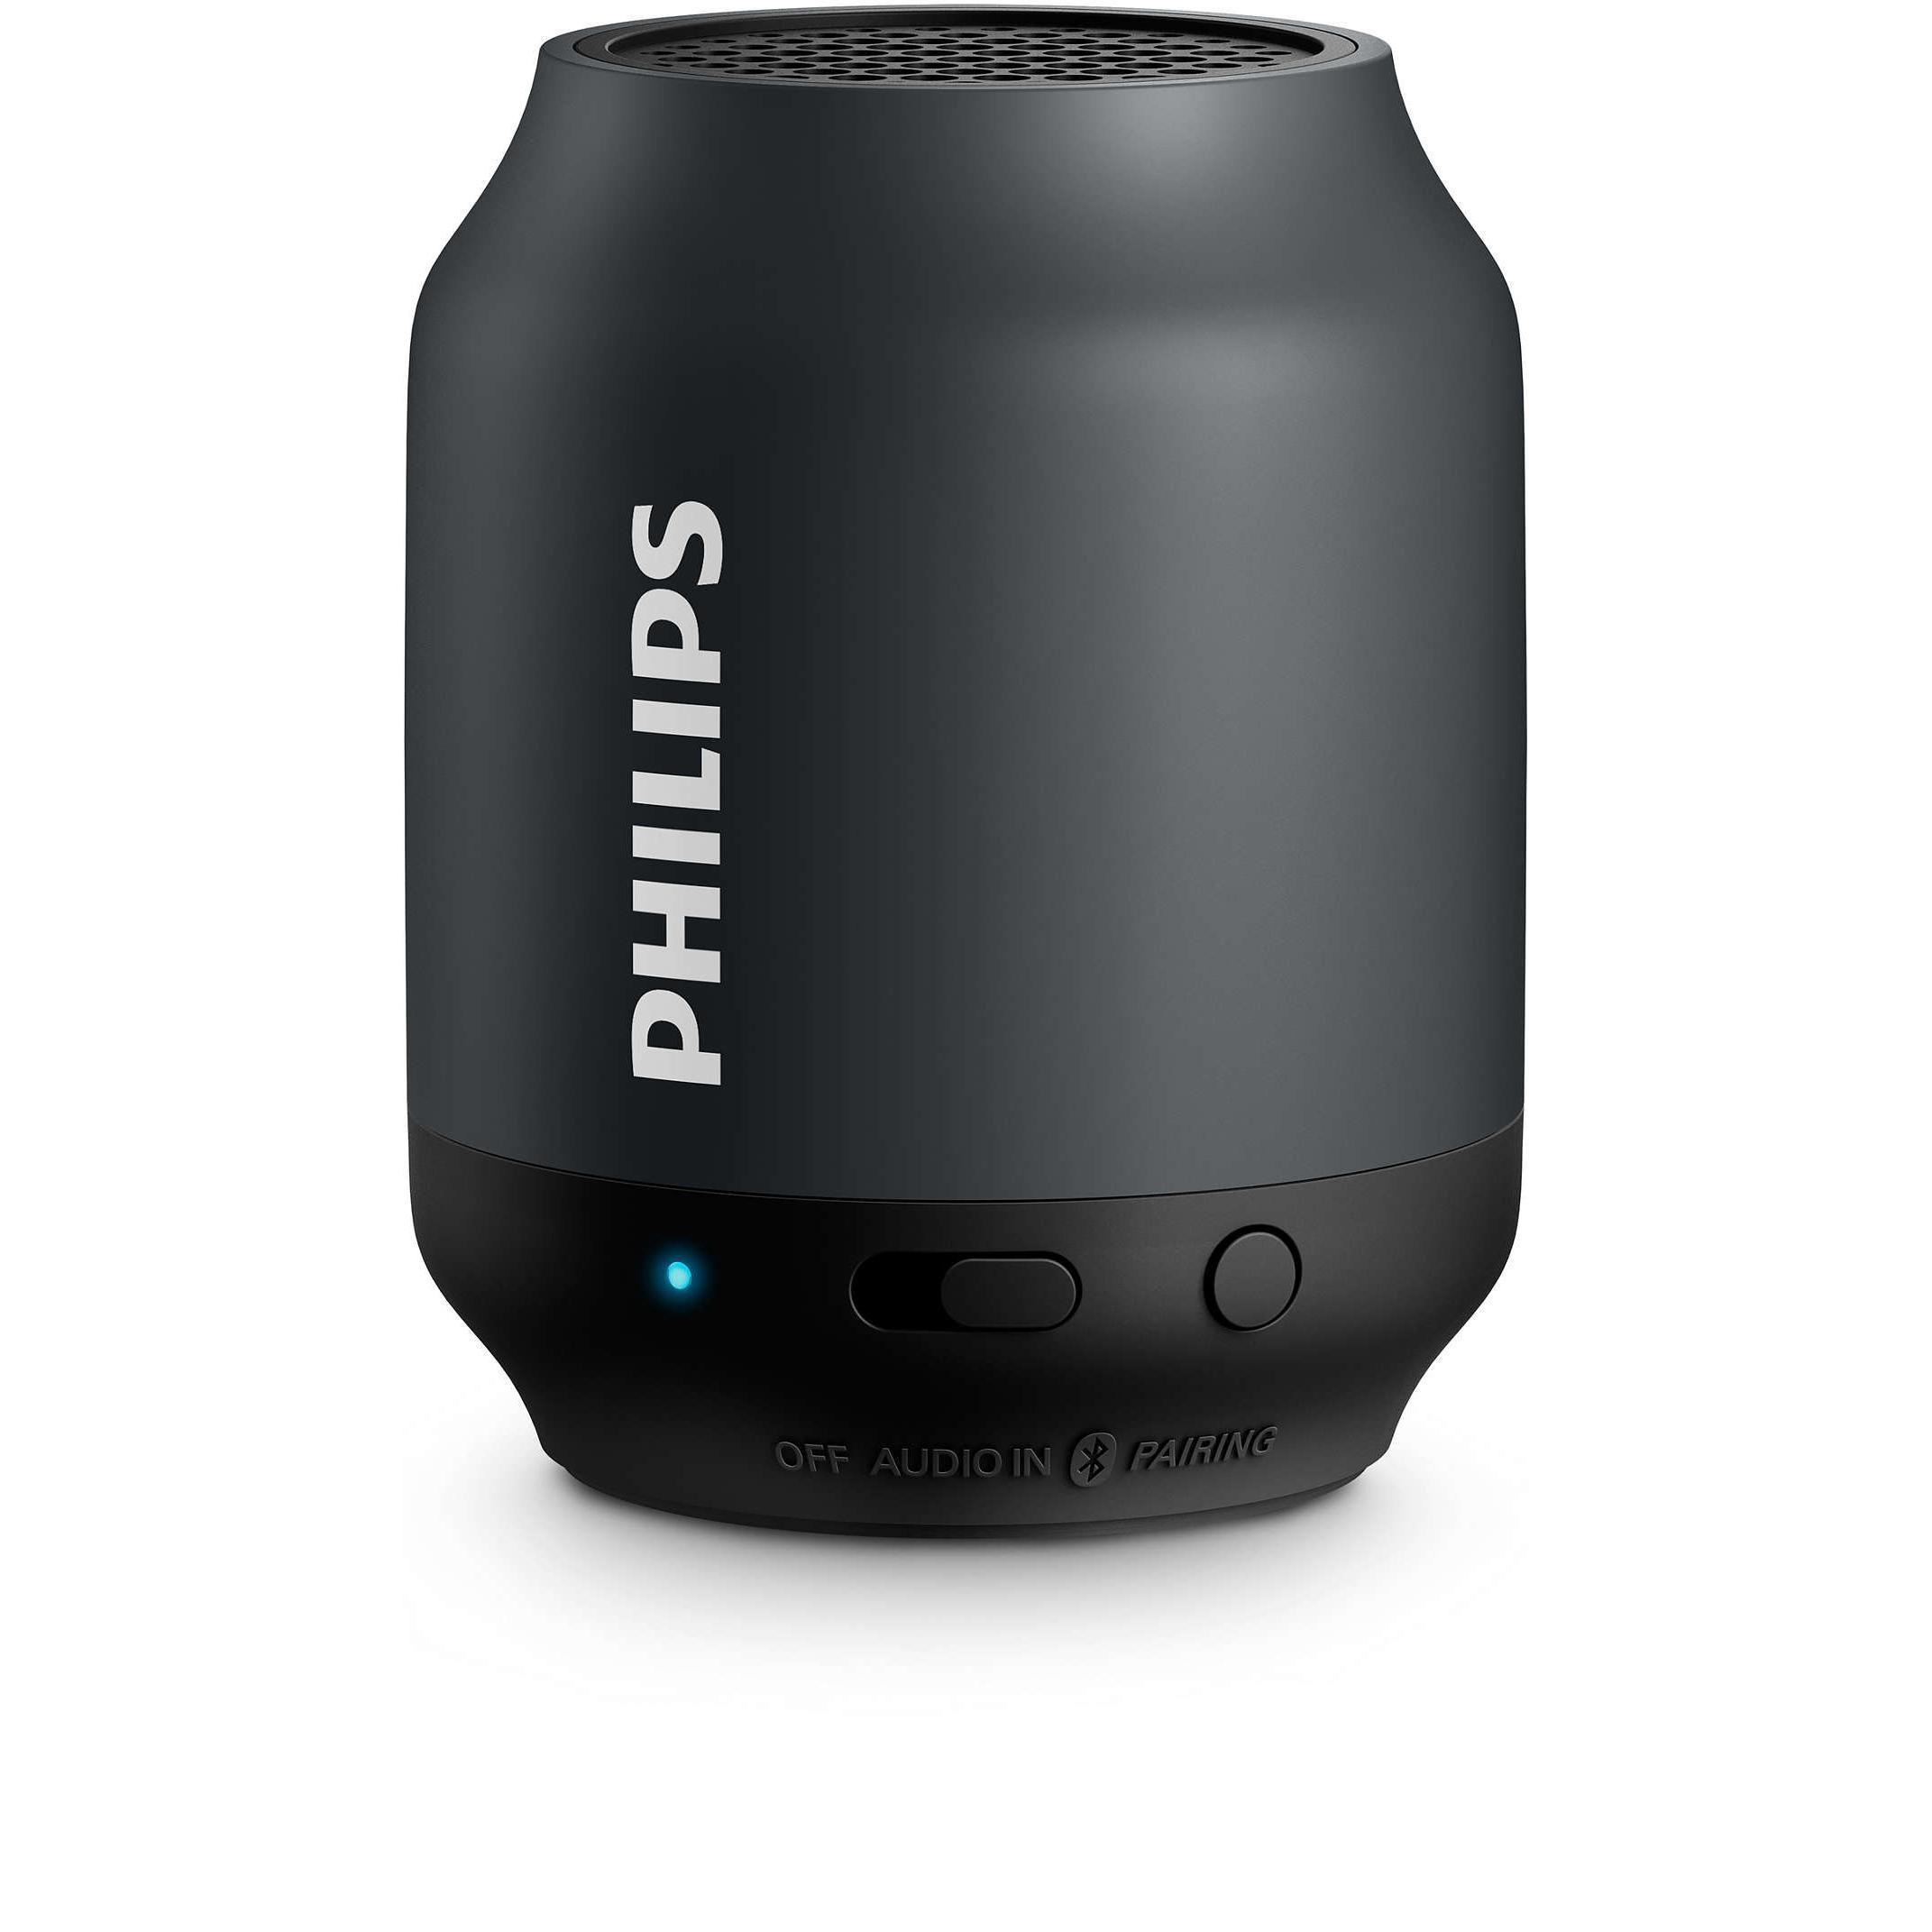 Enceinte portable sans fil Philips BT50B/00 Noir